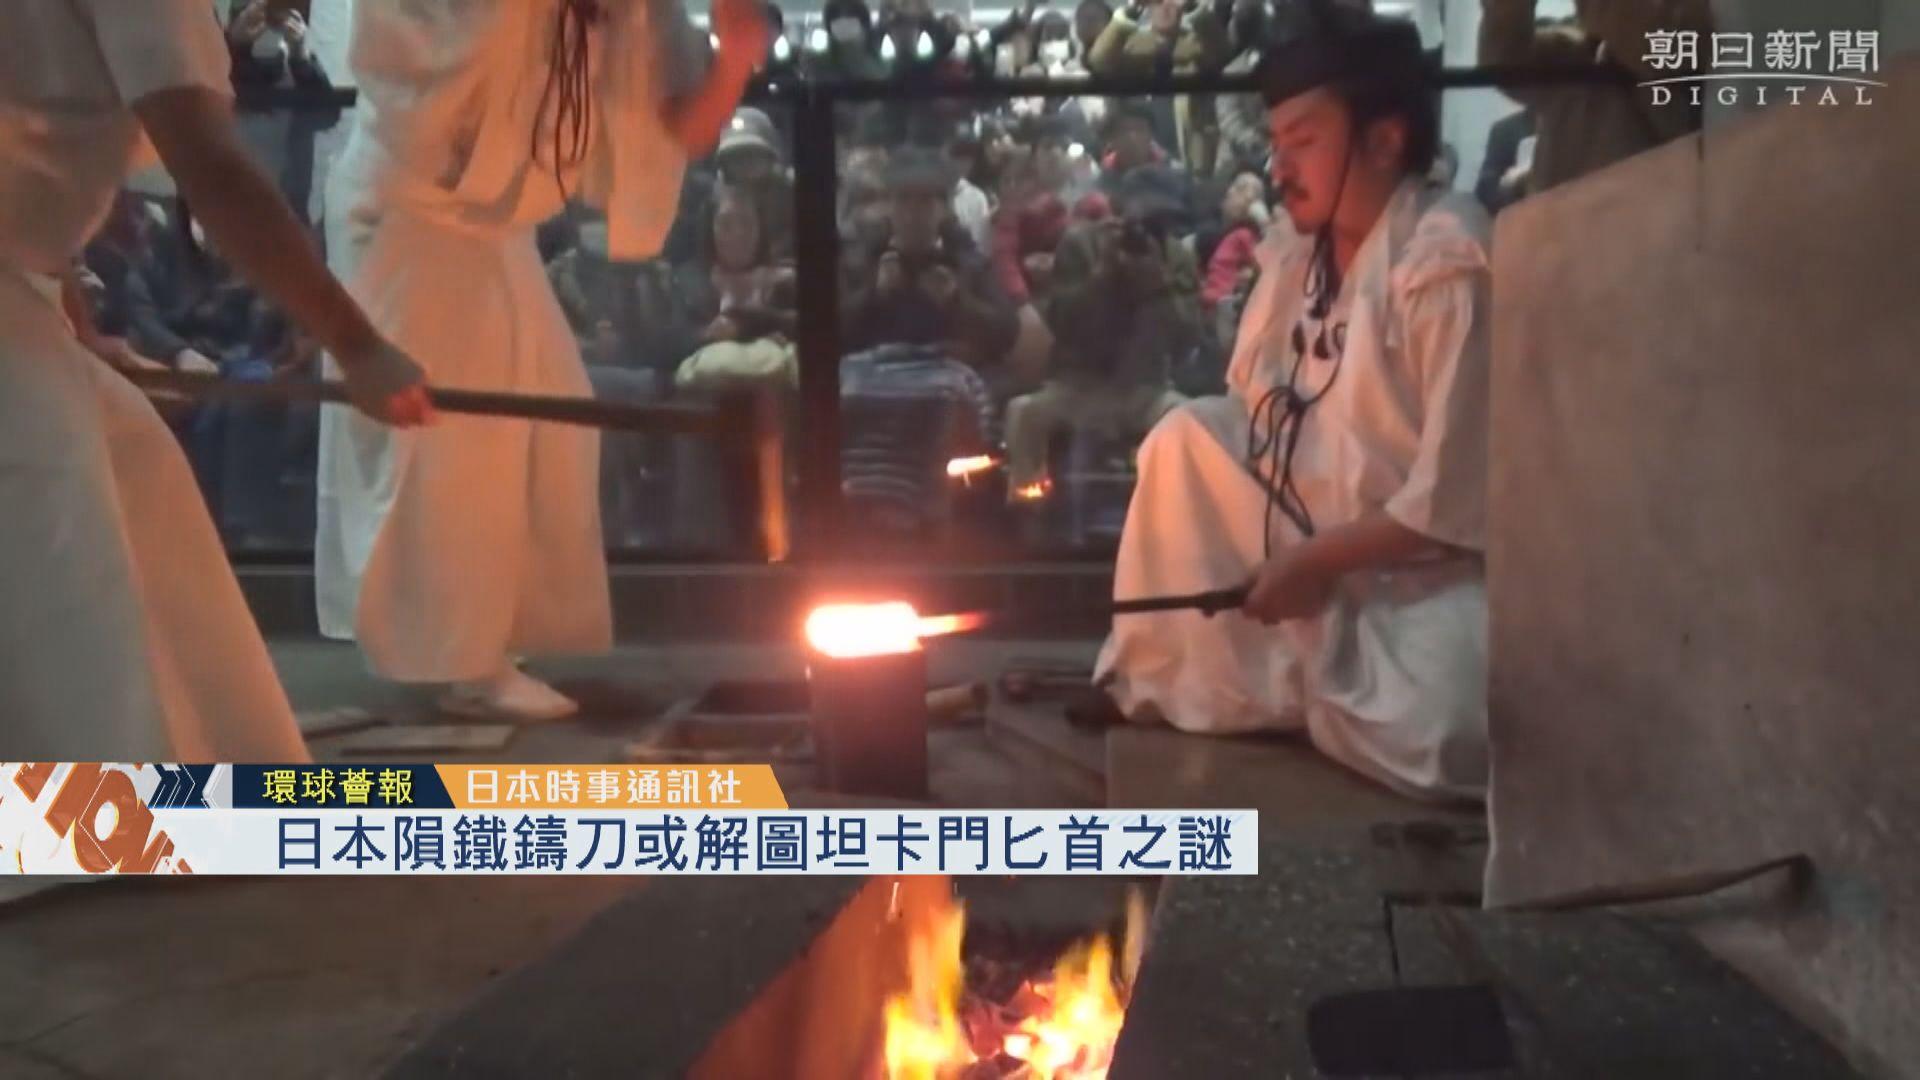 【環球薈報】日本隕鐵鑄刀或解圖坦卡門匕首之謎